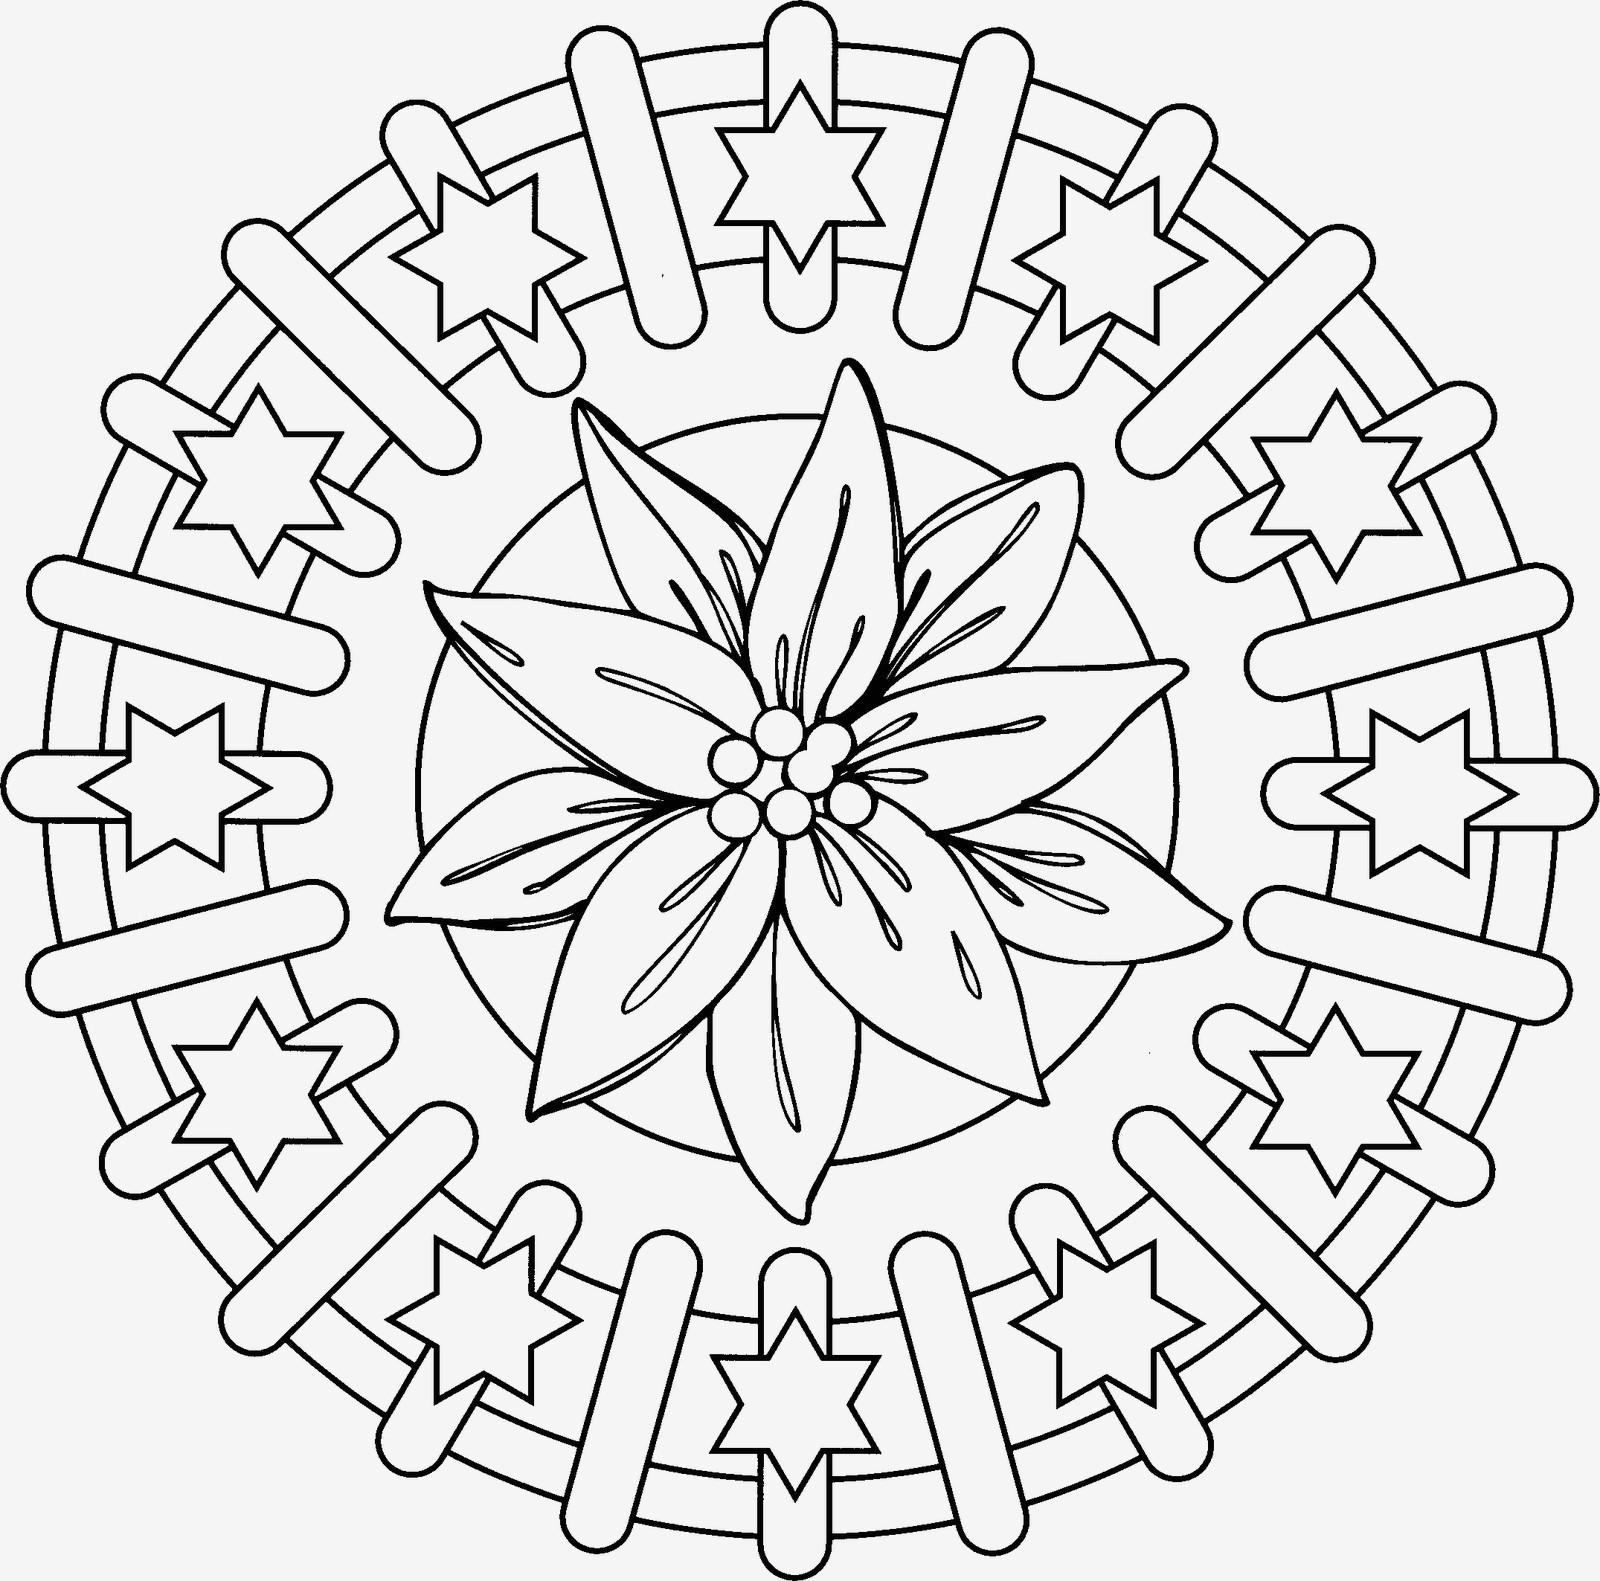 Malvorlagen Mandala Neu 49 Schön Frisch Malvorlagen Weihnachten Mandala Malvorlagen Irdz Galerie